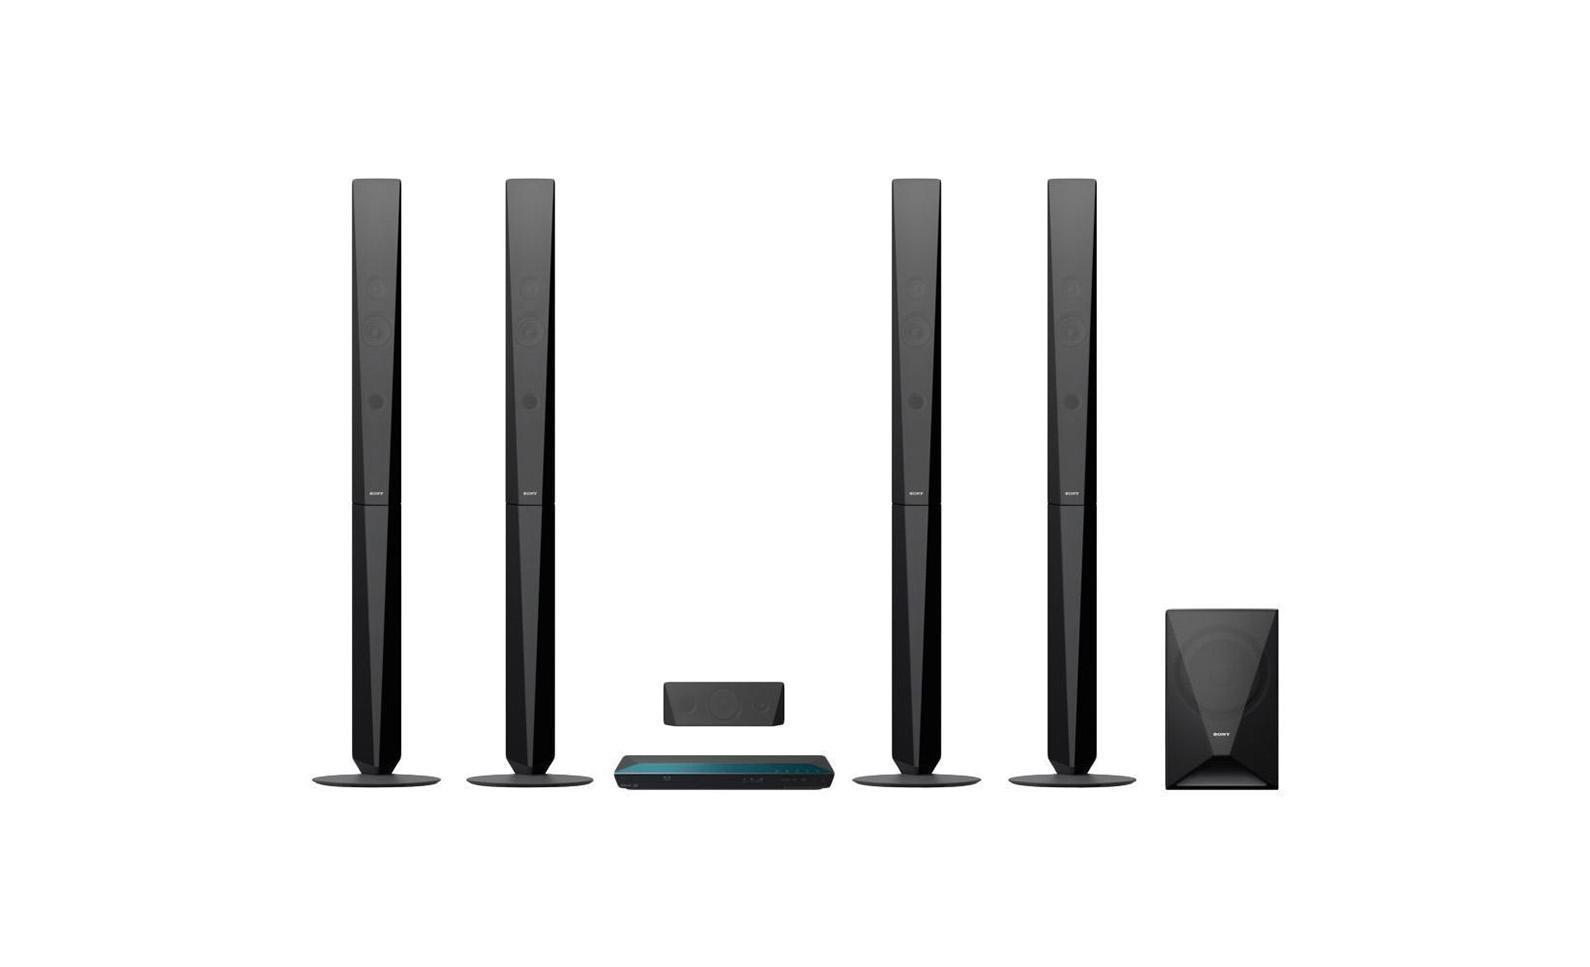 Sony BDV-E6100 домашний кинотеатр4905524897210Наслаждайтесь динамическим объемным звучанием - грохотом в фильмах, ревом толпы на спортивных матчах или вокальными партиями в любимых композициях. Используя доступ к песням в одно касание на смартфоне, поддерживающем NFC и Bluetooth, вы можете начать воспроизведение музыки так же быстро, как шагнуть в комнату.Смотрите ли вы любимый фильм или слушайте музыку, пусть звучание будет по-настоящему впечатляющим. Благодаря щедрой выходной мощности 1000 Вт двух напольных АС, двух сателлитных АС и сабвуфера вы услышите безупречный и мощный окружающий звук, который перенесет вас в эпицентр событий.Передавайте музыку со смартфона или планшетного компьютера с поддержкой Bluetooth и NFC, просто прикоснувшись к системе домашнего кинотеатра. Требуется всего одно касание. Также вы можете передавать музыку в потоковом режиме с ПК, iPhone, iPad или iPod через Bluetooth. Каким бы ни был ваш выбор, технология Digital Music Enhancer обрабатывает звук, делая его чище.Благодаря встроенному Wi-Fi, вы можете с легкостью подключить к устройству смартфон, ноутбук, планшетный компьютер или подключиться к Интернету без проводов. Передавайте любой развлекательный контент: от фотографий до списков воспроизведения, от онлайн-видео до телешоу и видеоклипов YouTube.В вашей видеотеке не осталось непросмотренных фильмов? Сетевой сервис Sony Entertainment Network расширяет вашу домашнюю коллекцию фильмов и ничем не ограничивает ваш выбор: с его помощью вы можете смотреть потоковое видео в HD-качестве и любимые телеканалы, слушать музыку, а также читать новости, смотреть погоду, играть в игры и выполнять множество других действий с помощью веб-браузера и приложений сервиса.Новые модели домашних кинотеатров воплощают дизайн Sense of Quartz, подсказанный образом безупречных сияющих граней горного хрусталя. От АС до пультов, каждый элемент привносит чувство утонченного и изысканного стиля в ваш дом.Насладитесь качеством изображения, которое по-настоящему вовле